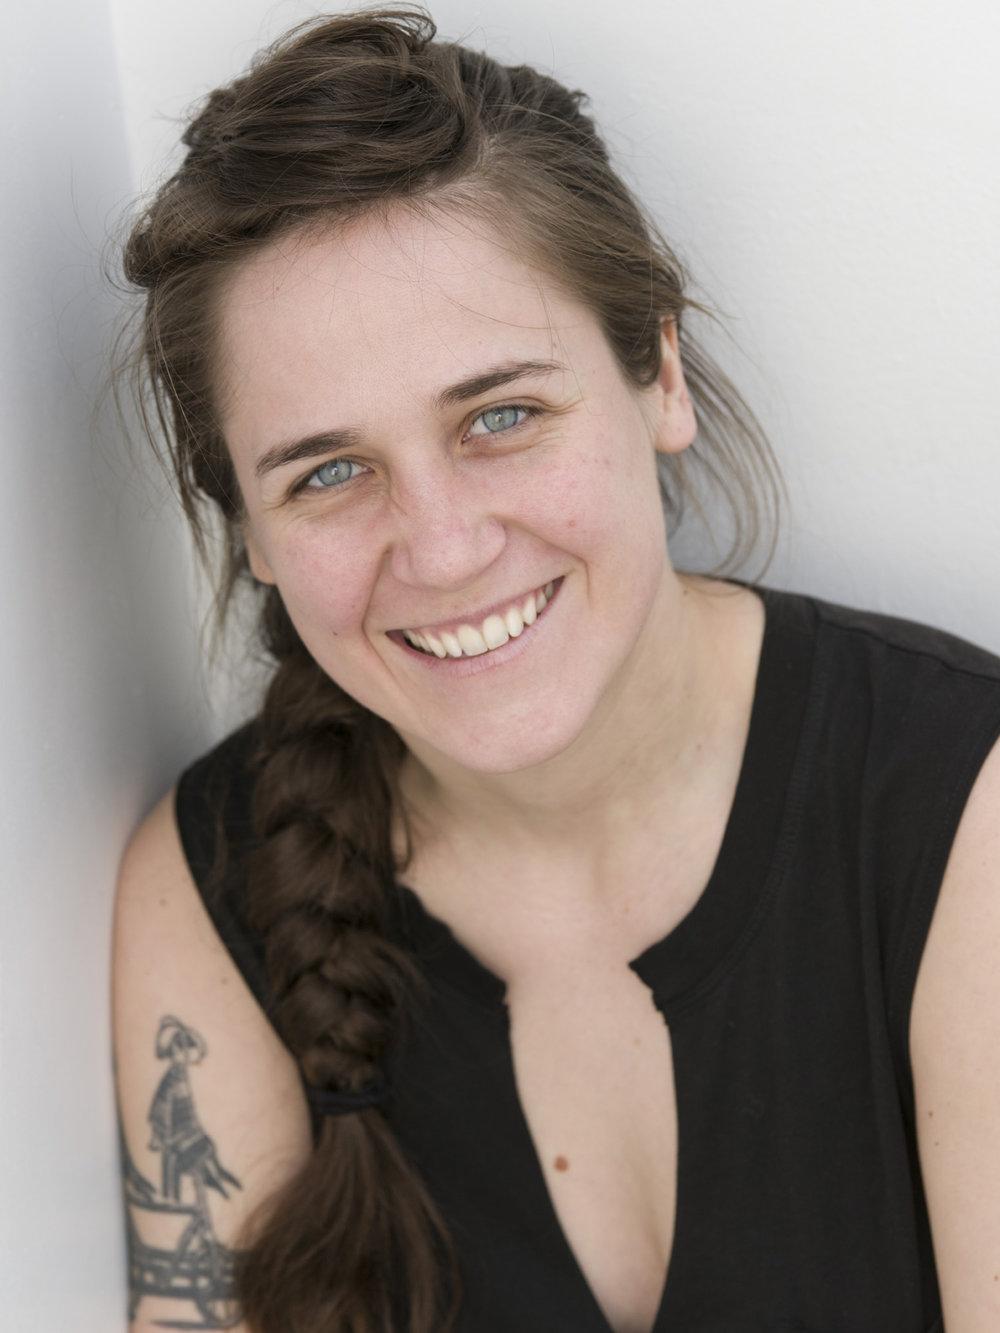 Lora-Faye Whelan